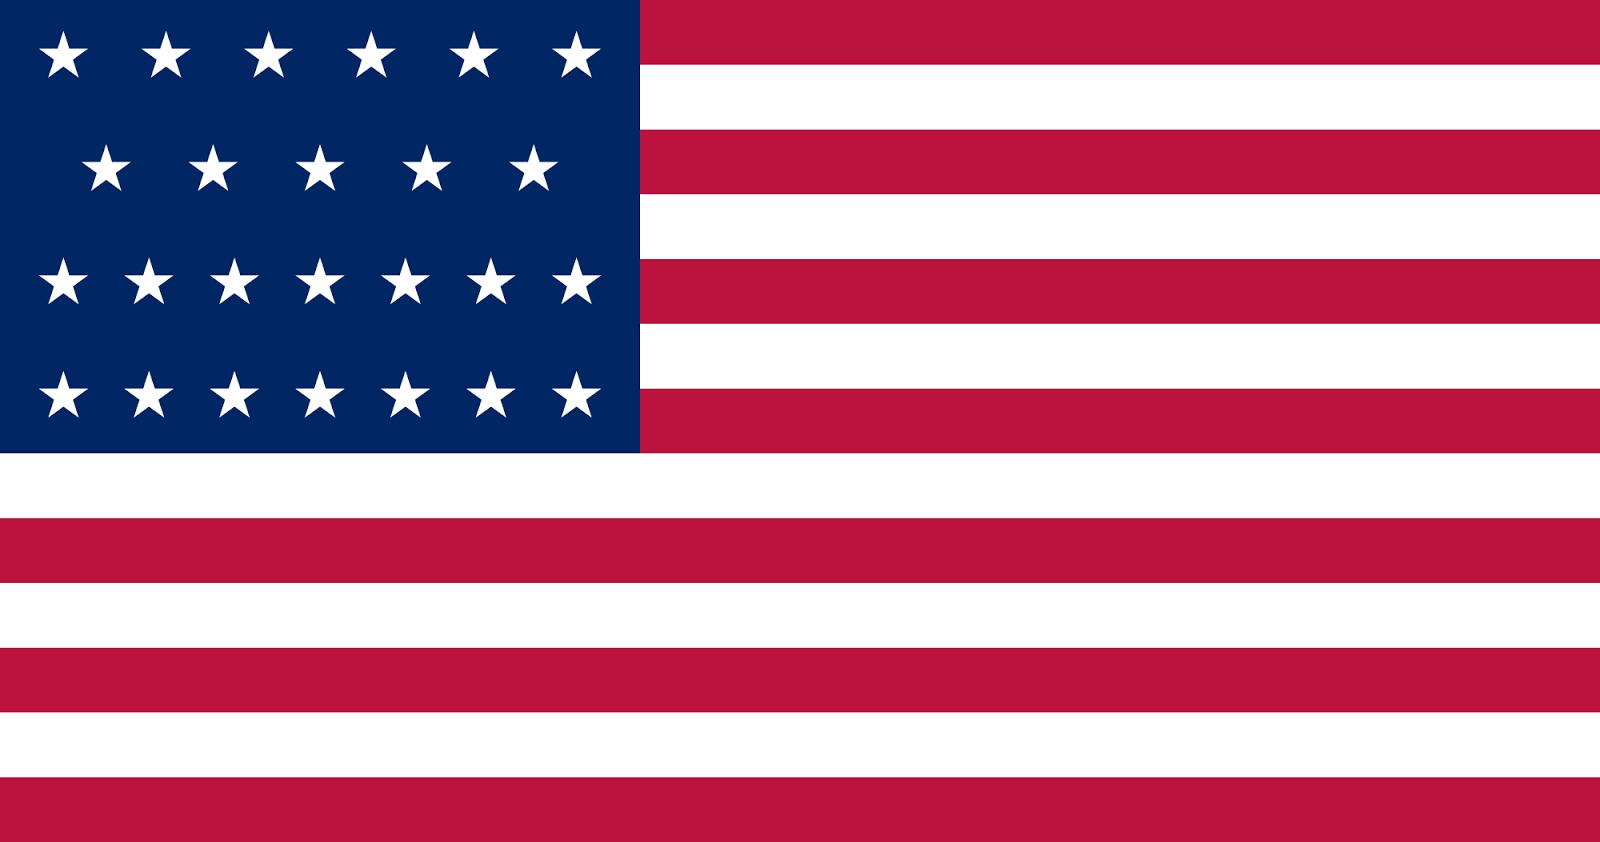 Haciendo Historia: La bandera de Estados Unidos